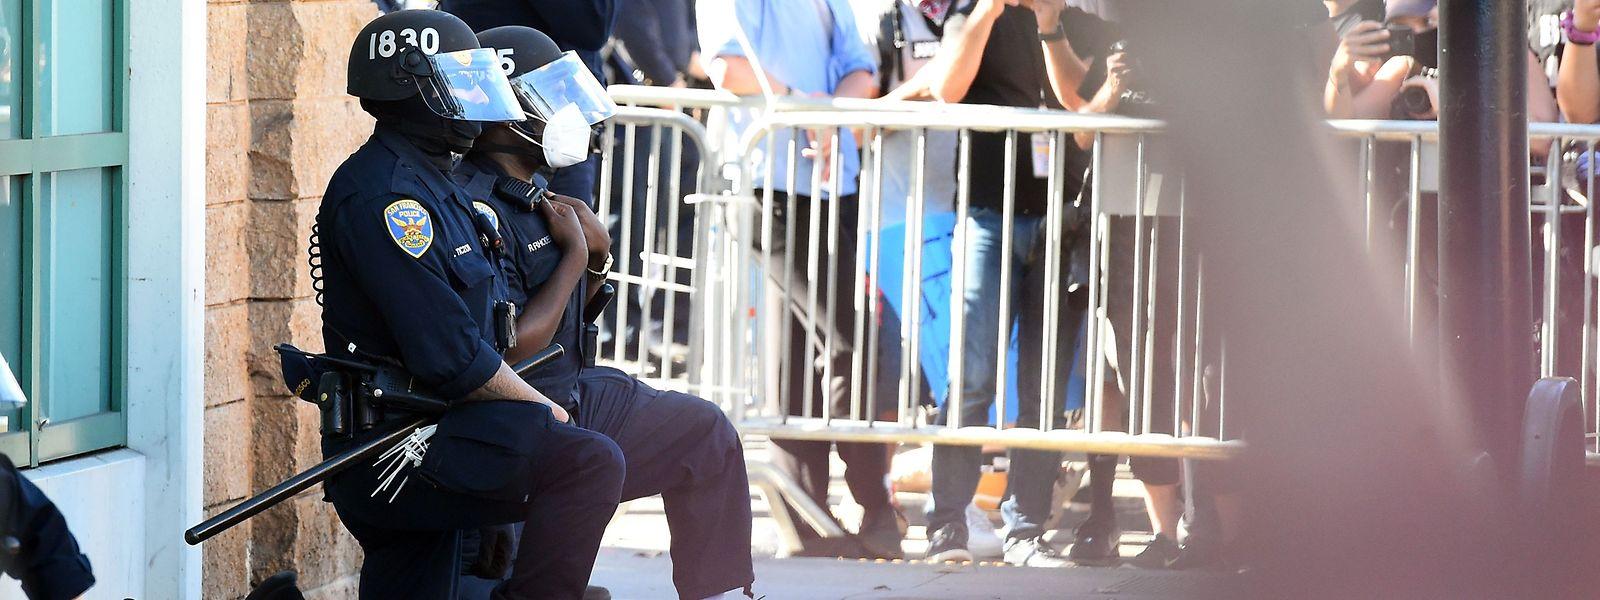 Geste der Demut: Polizisten in San Francisco gehen in Andenken an den Tod von George Floyd vor den Demonstranten auf die Knie.